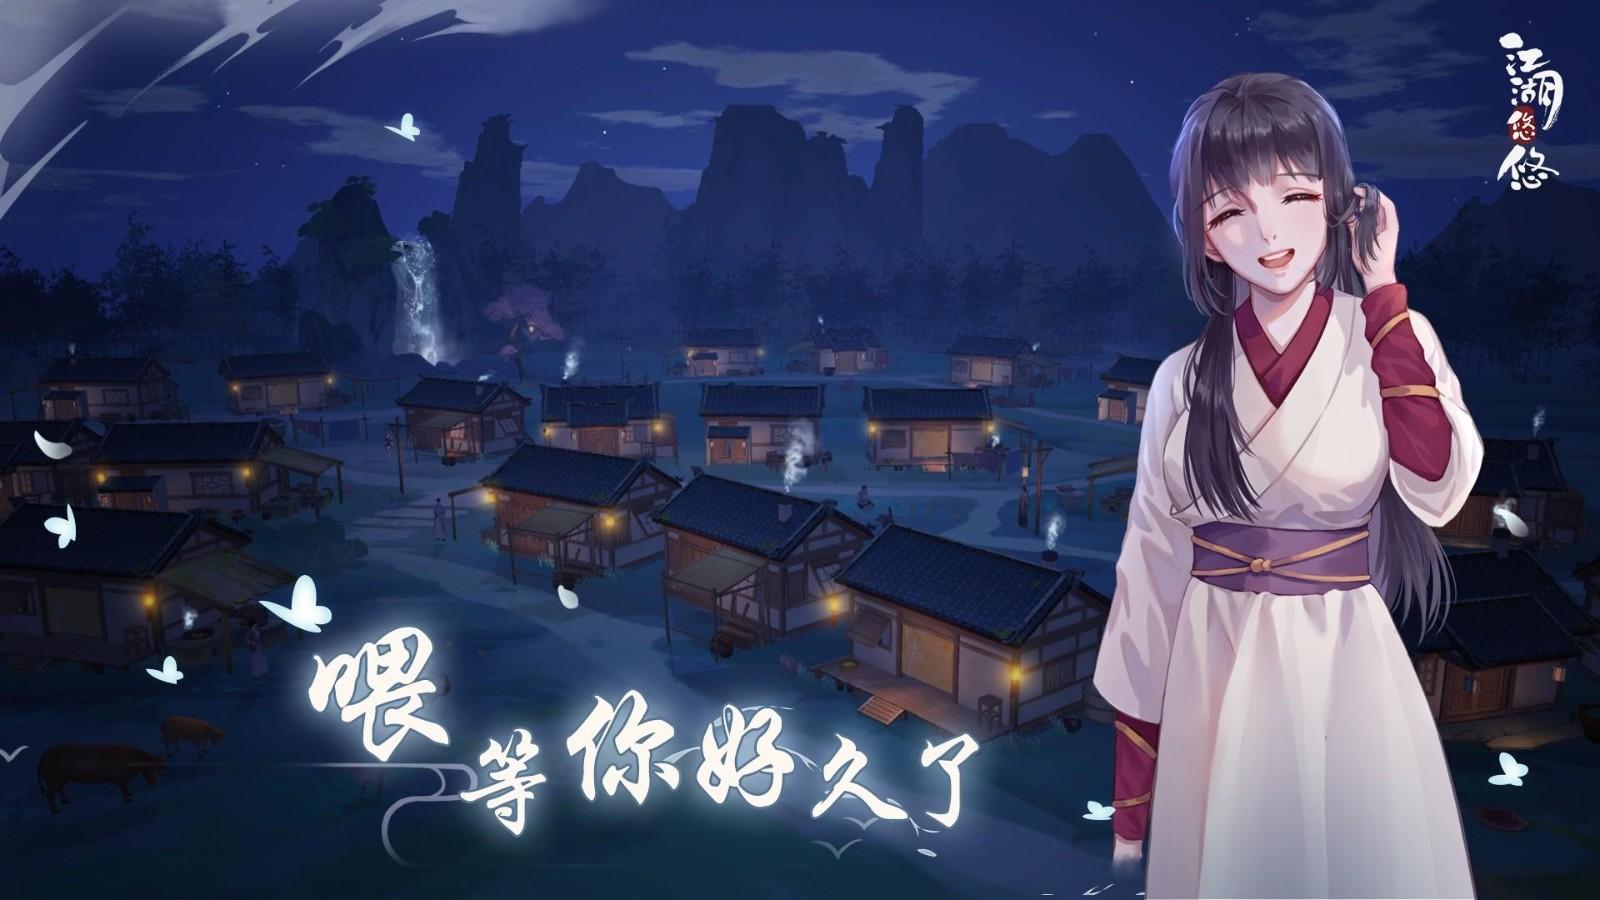 江湖悠悠暗影叹息流怎么玩?